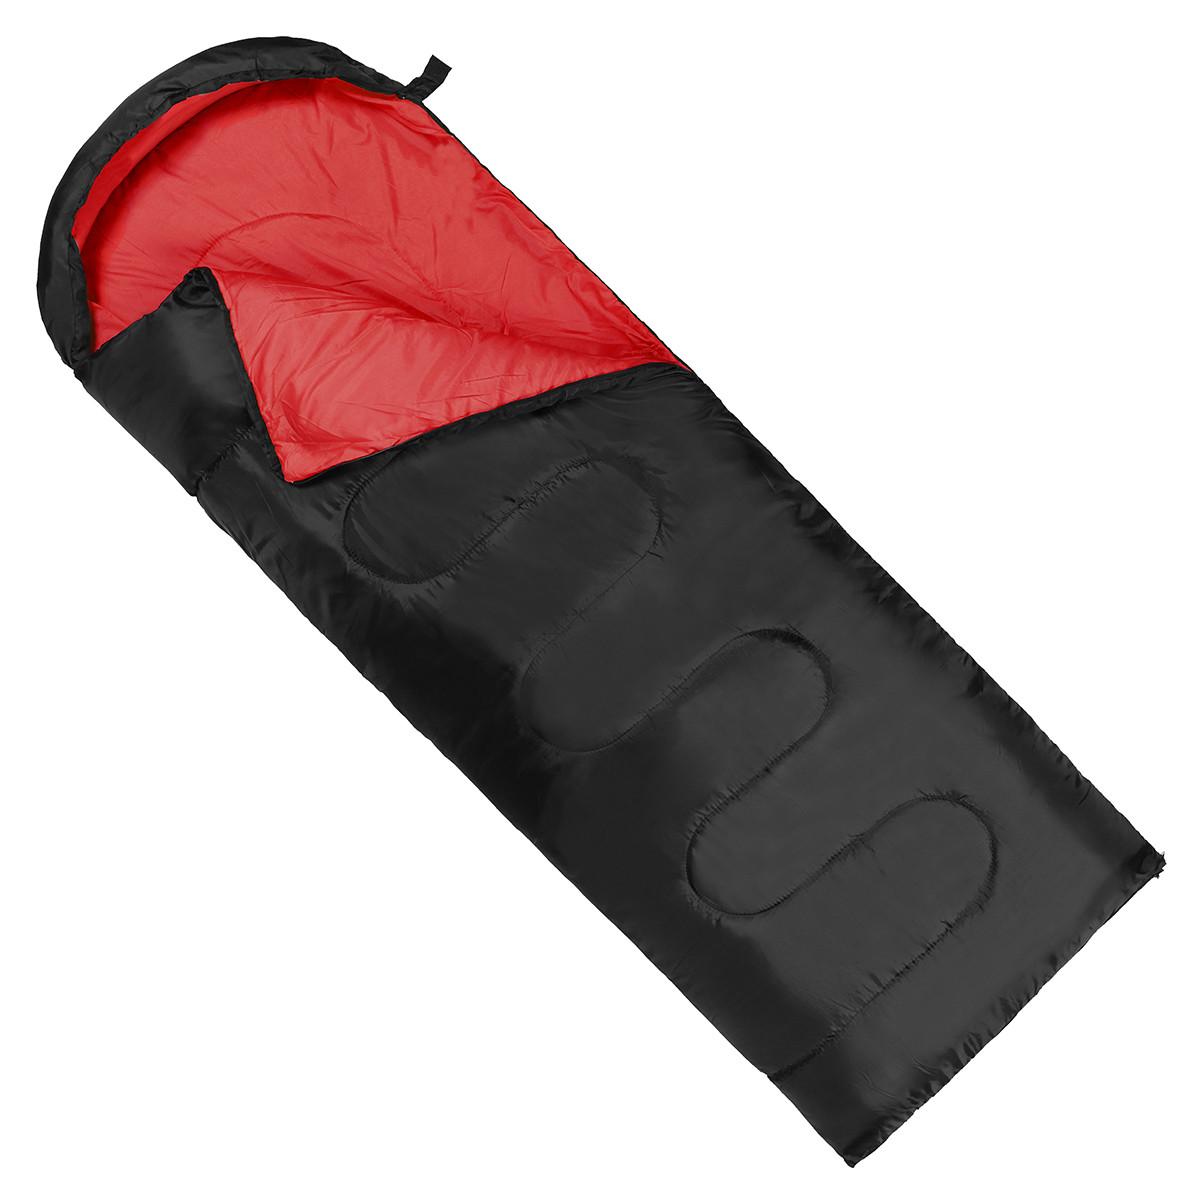 Спальний мішок (спальник) ковдра SportVida SV-CC0064 +2 ...+ 21°C L Black/Red